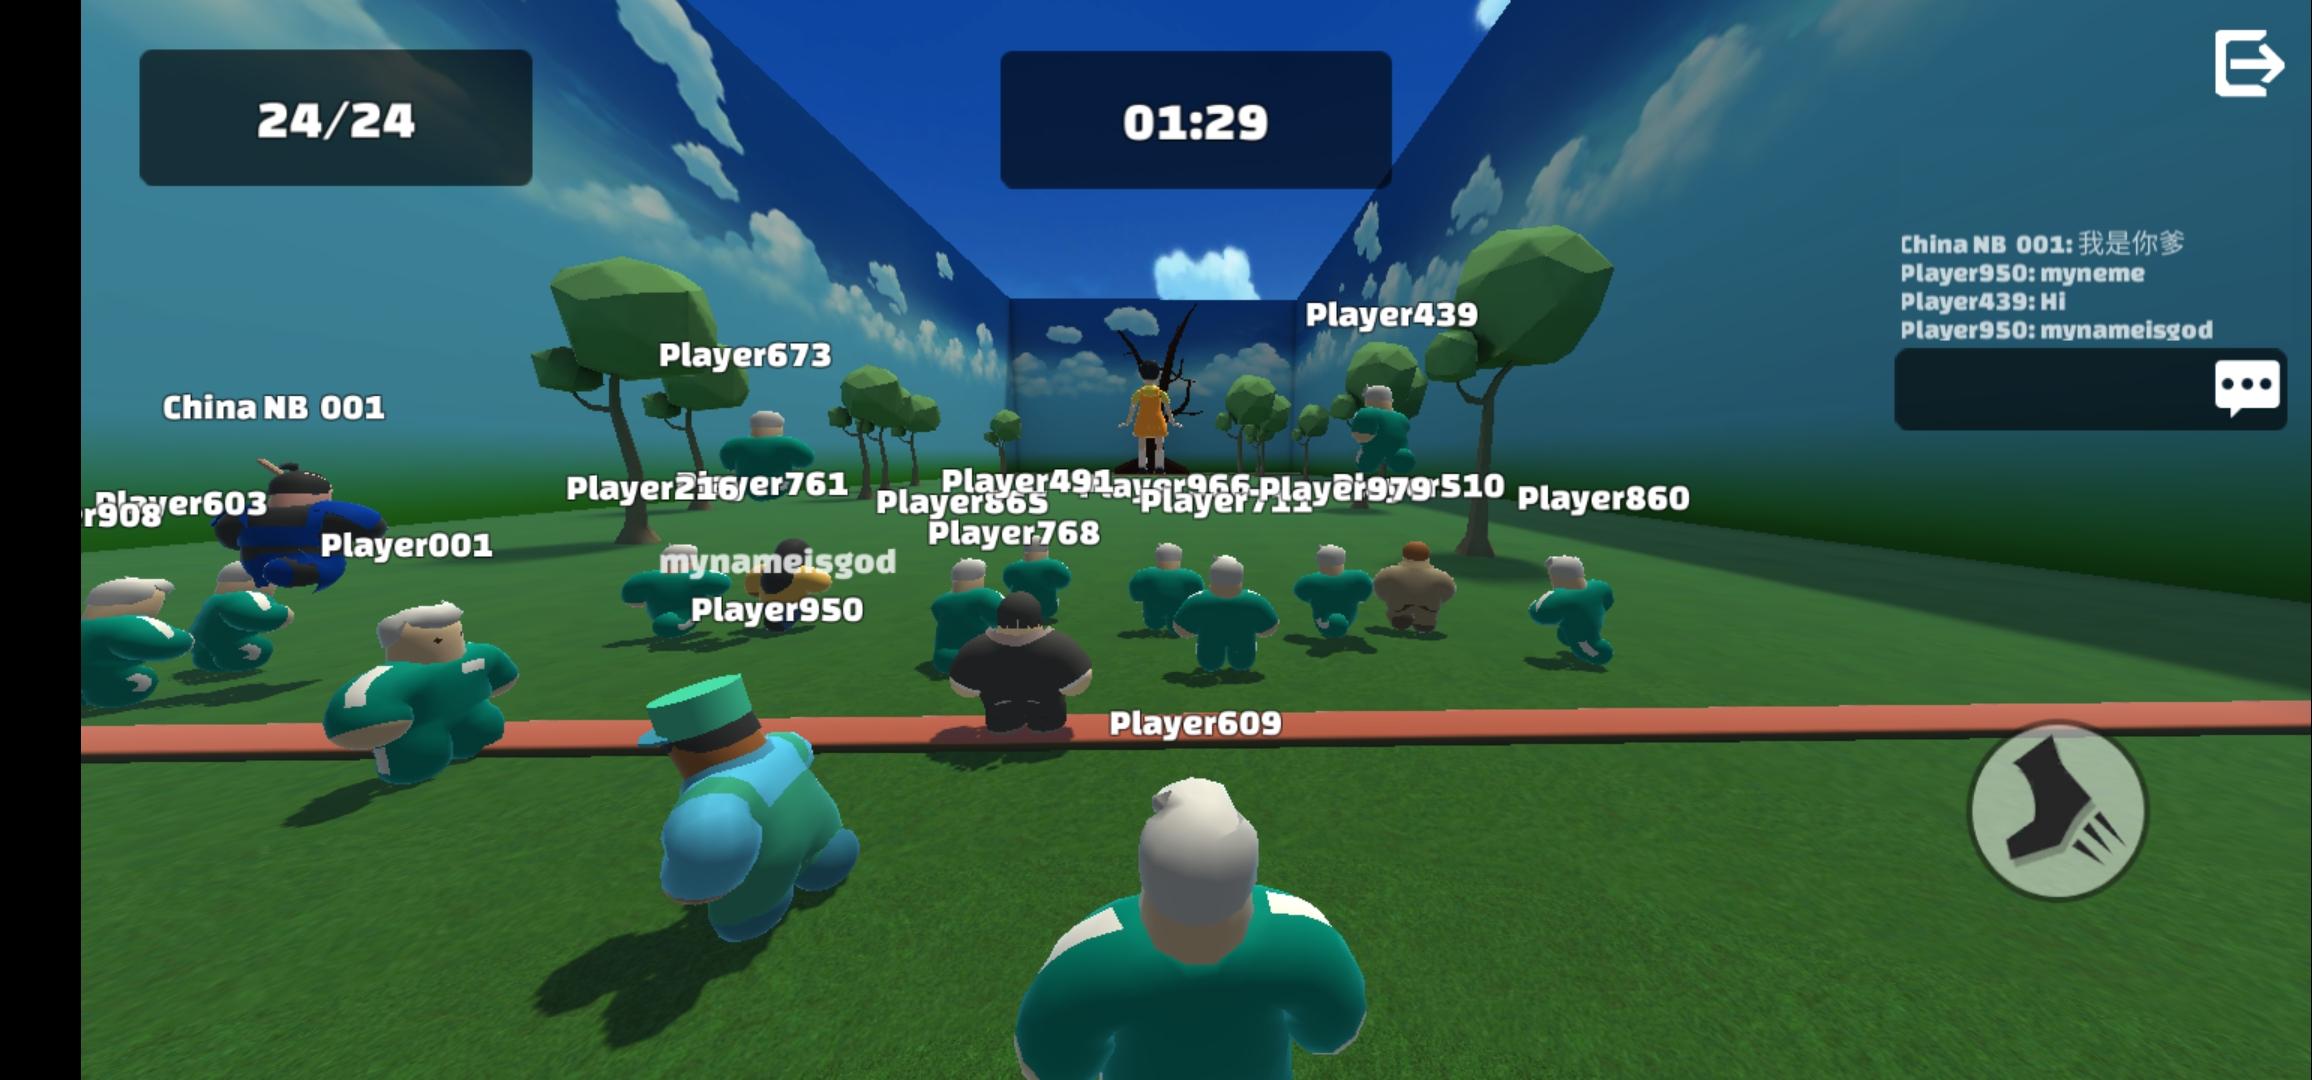 鱿鱼游戏联机版游戏截图